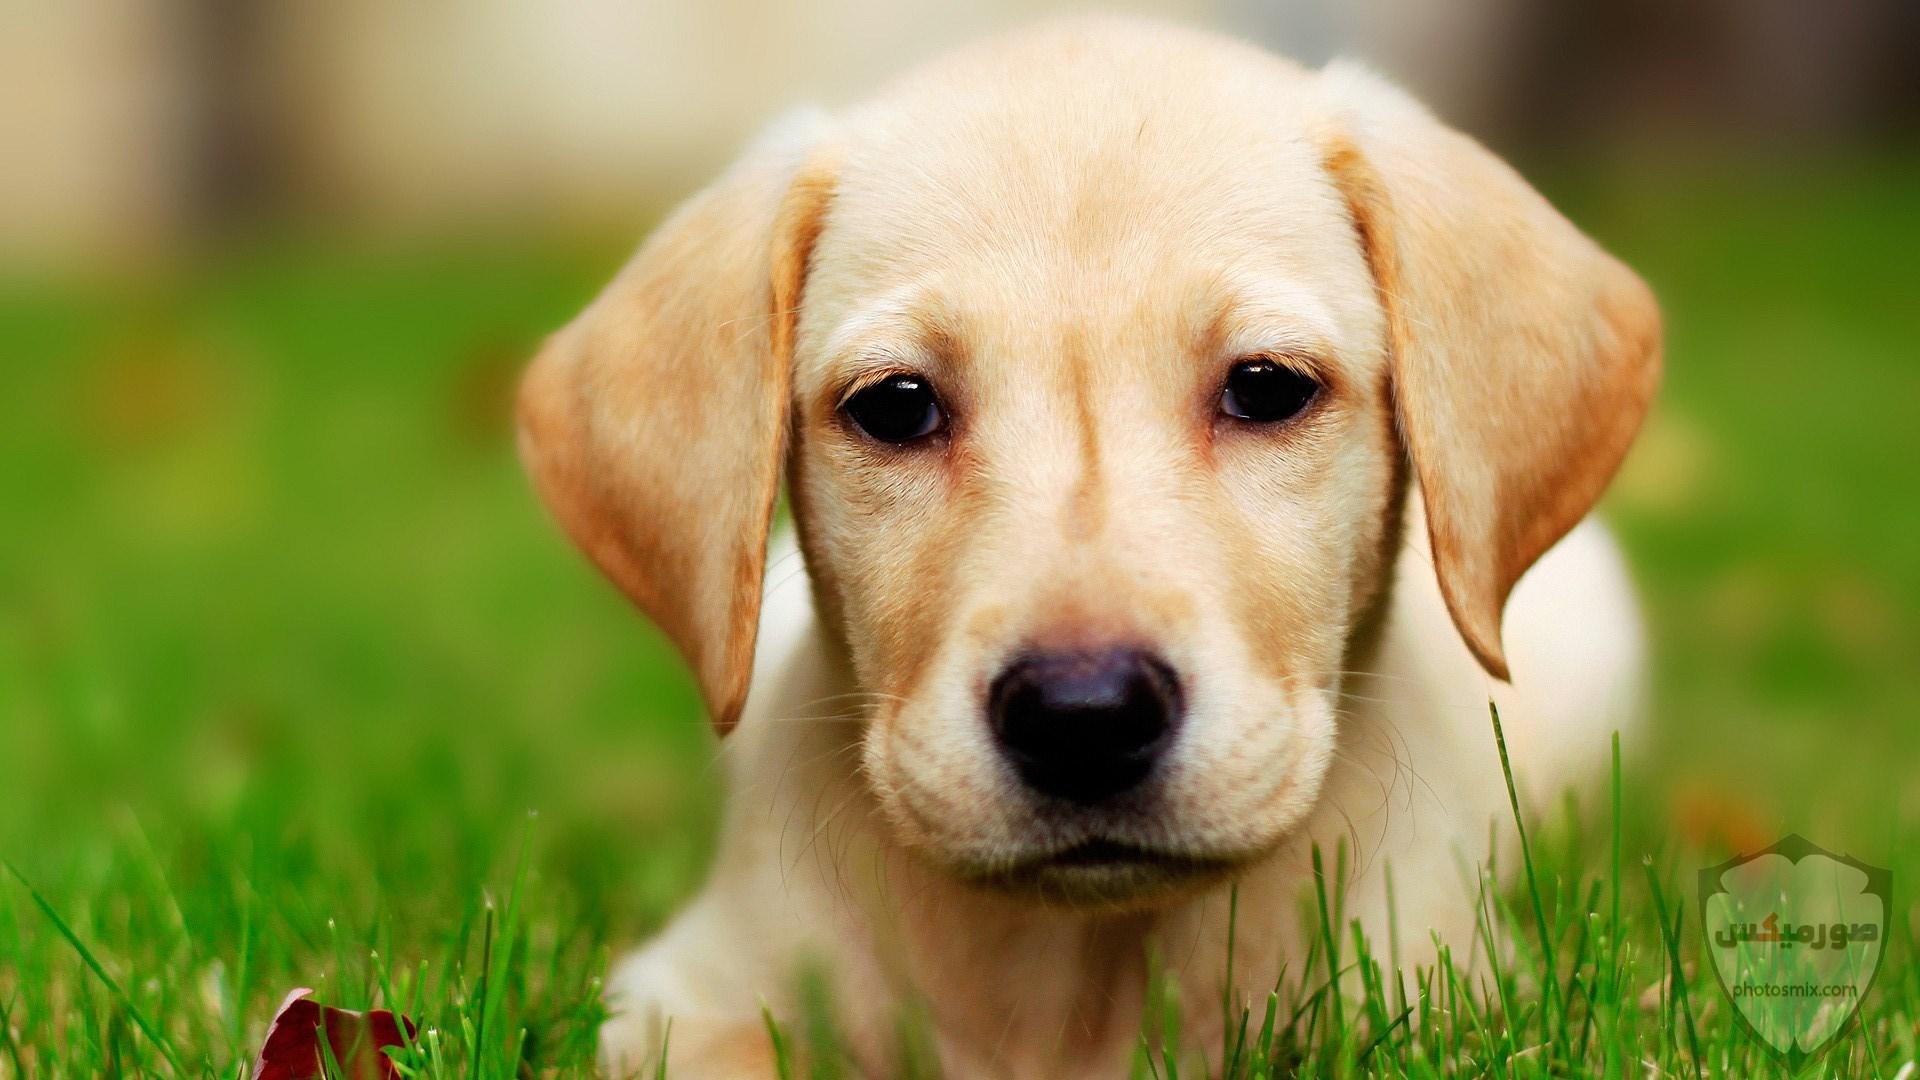 صور رمزيات خلفيات كلاب كيوت صورة كلب كيوت جدا 53